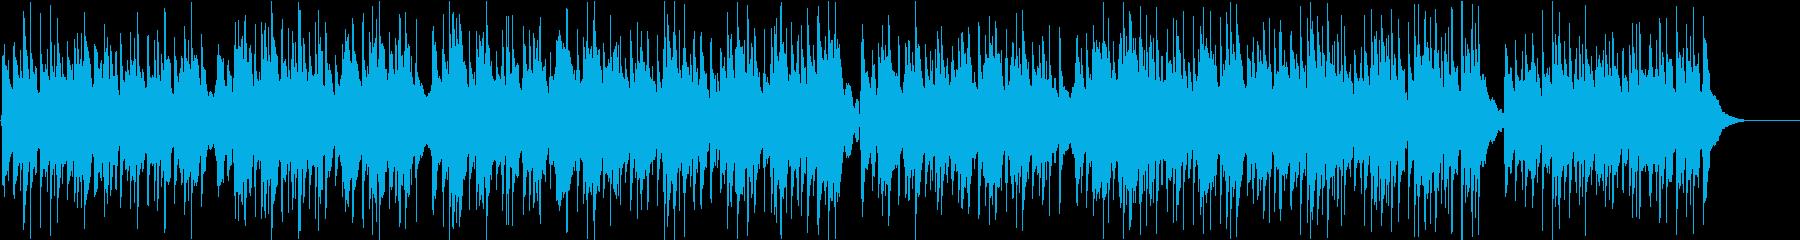 アコギ 生演奏 夕日 海岸 波の音の再生済みの波形